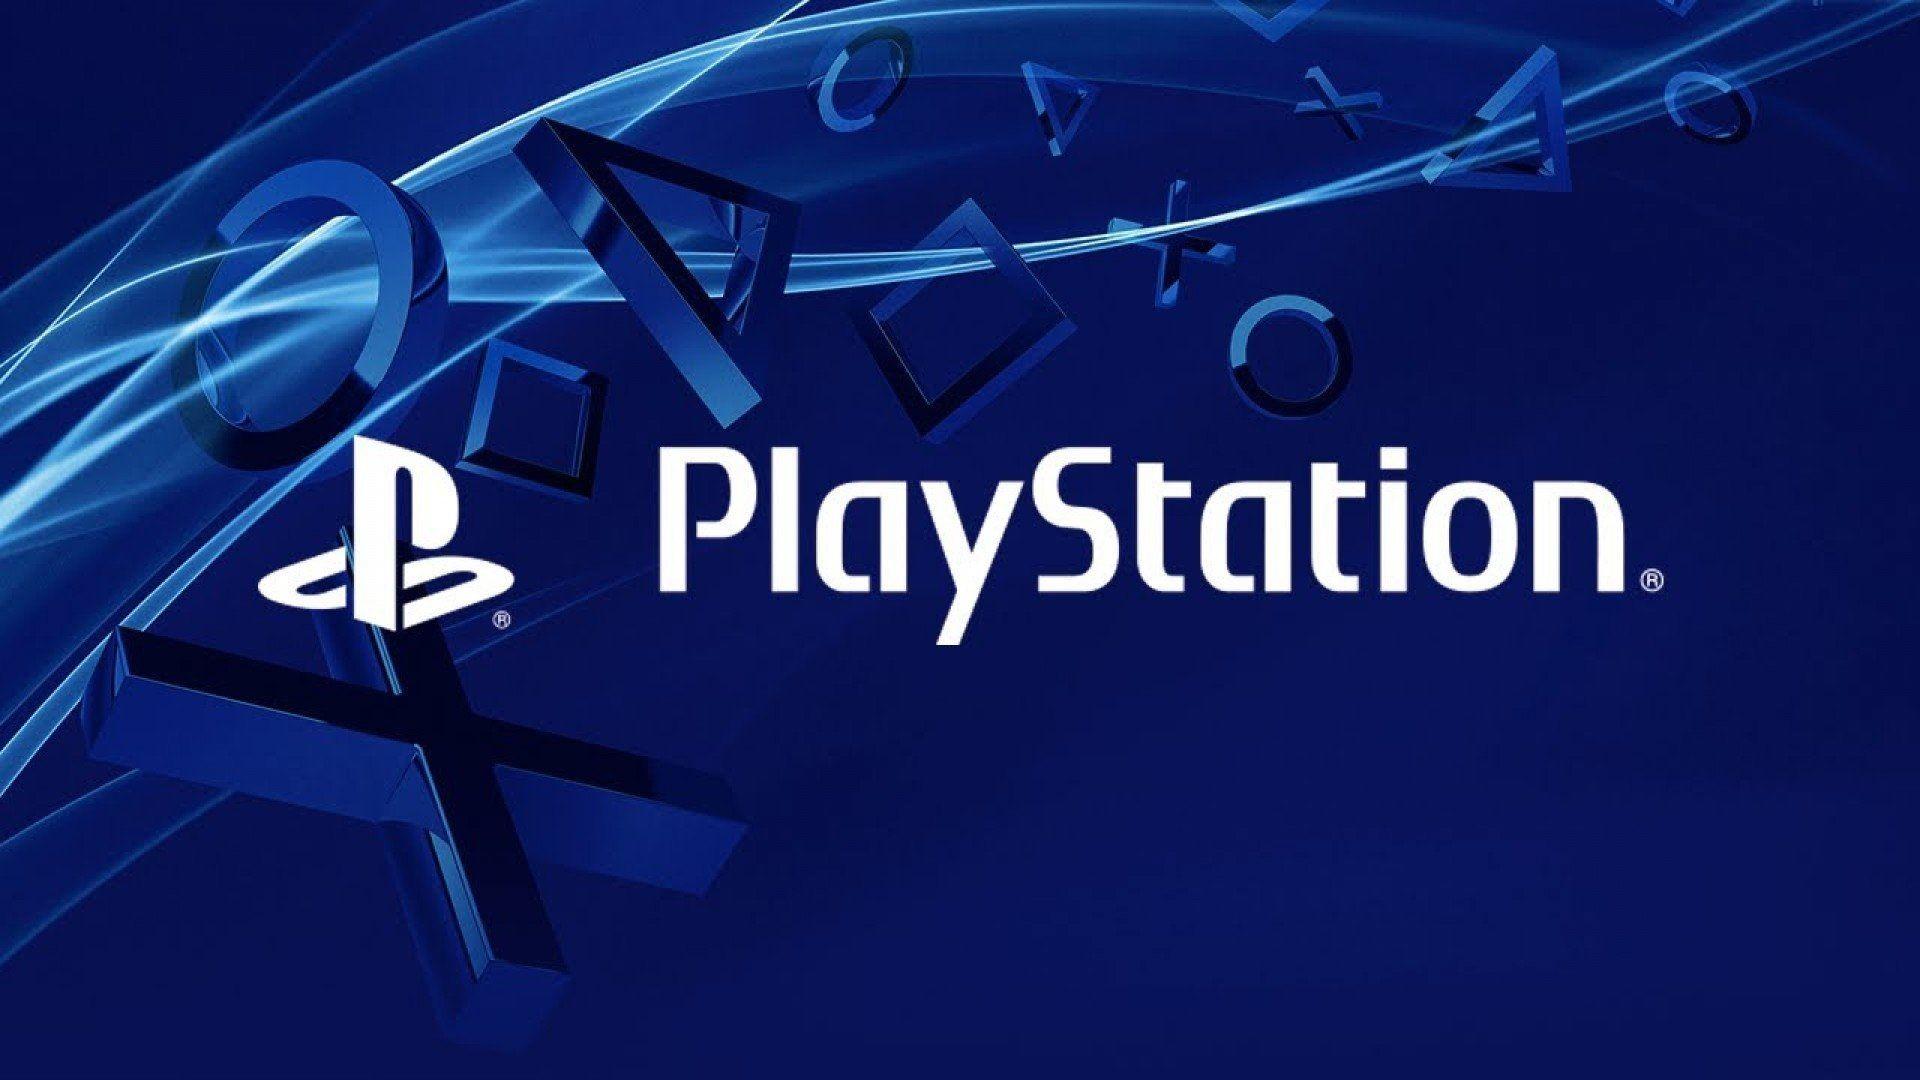 جيم رايان - Jim Ryan PlayStation PS5 - سوني بلايستيشن